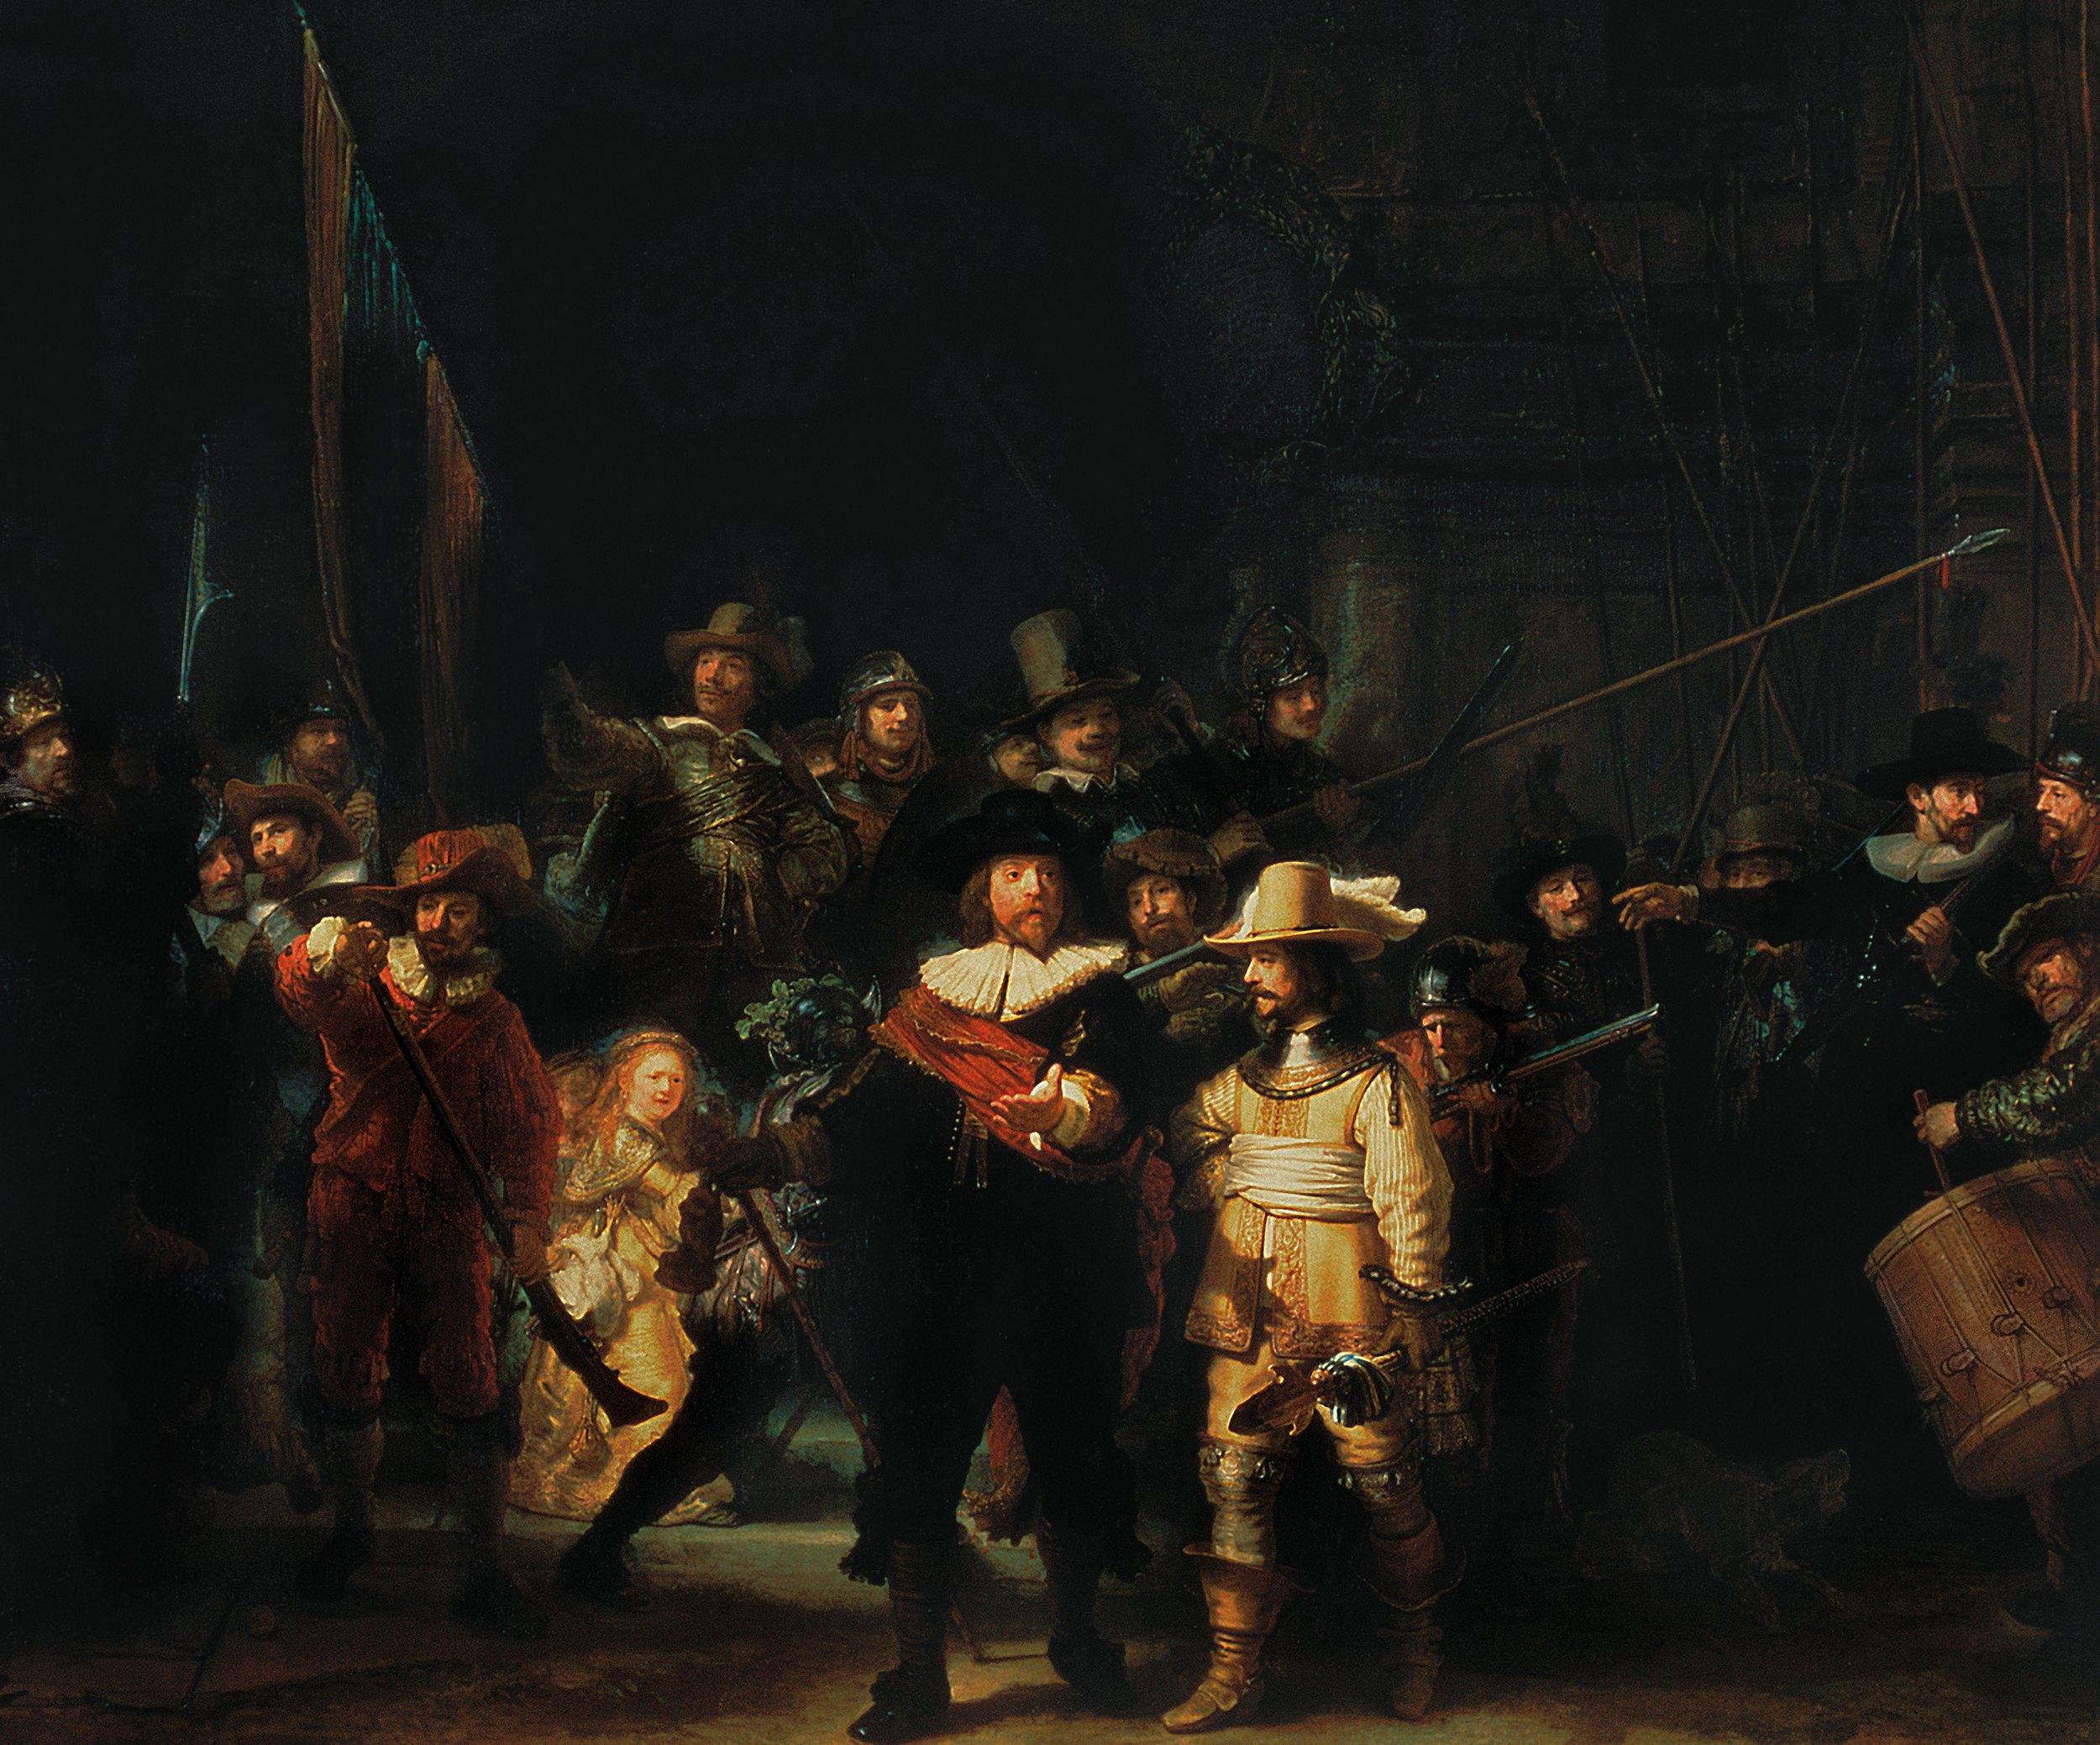 картина групповой портрет < Выступление стрелковой роты капитана Франса Баннинга Кока и лейтенанта Виллема ван Рейтенбурга > :: Харменс ван Рейн Рембрандт - Rembrandt (Рембрандт) фото